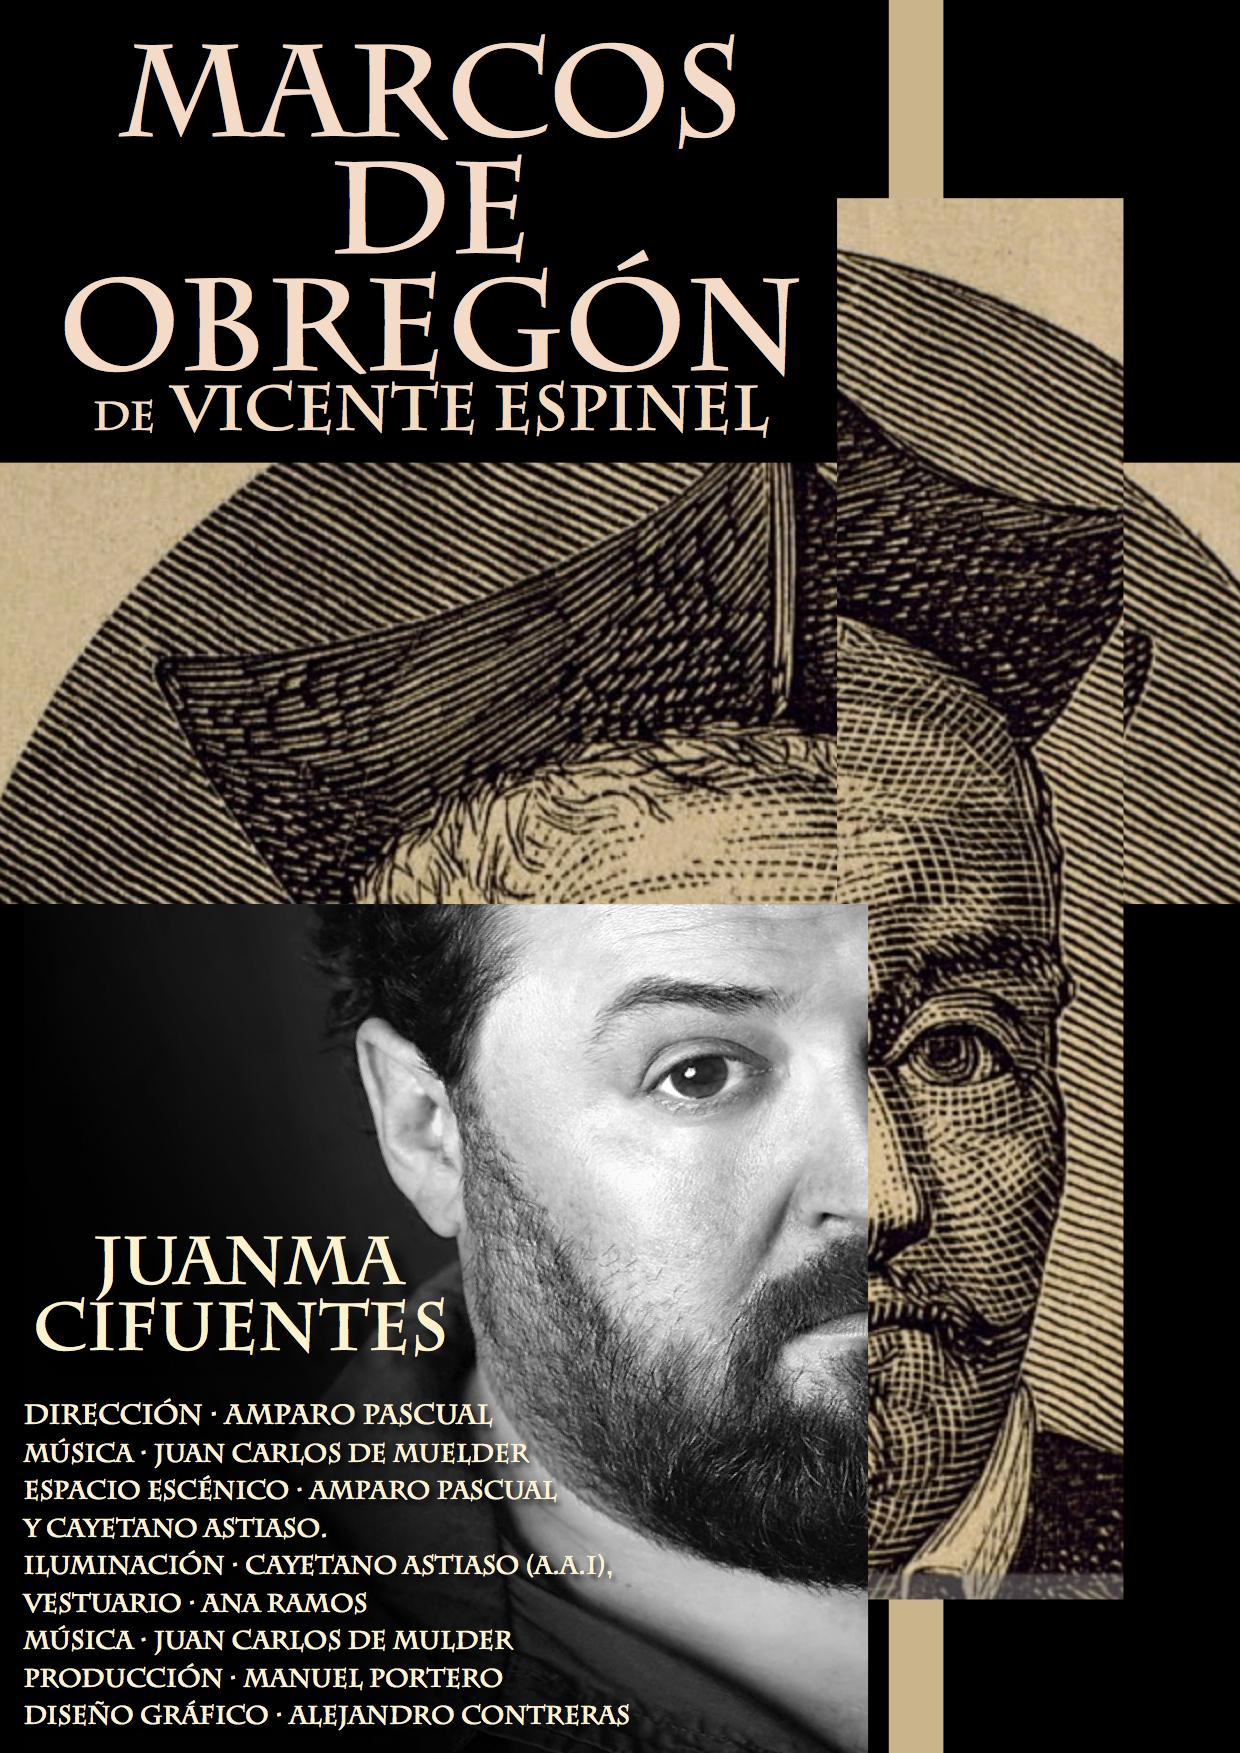 MARCOS DE OBREGON